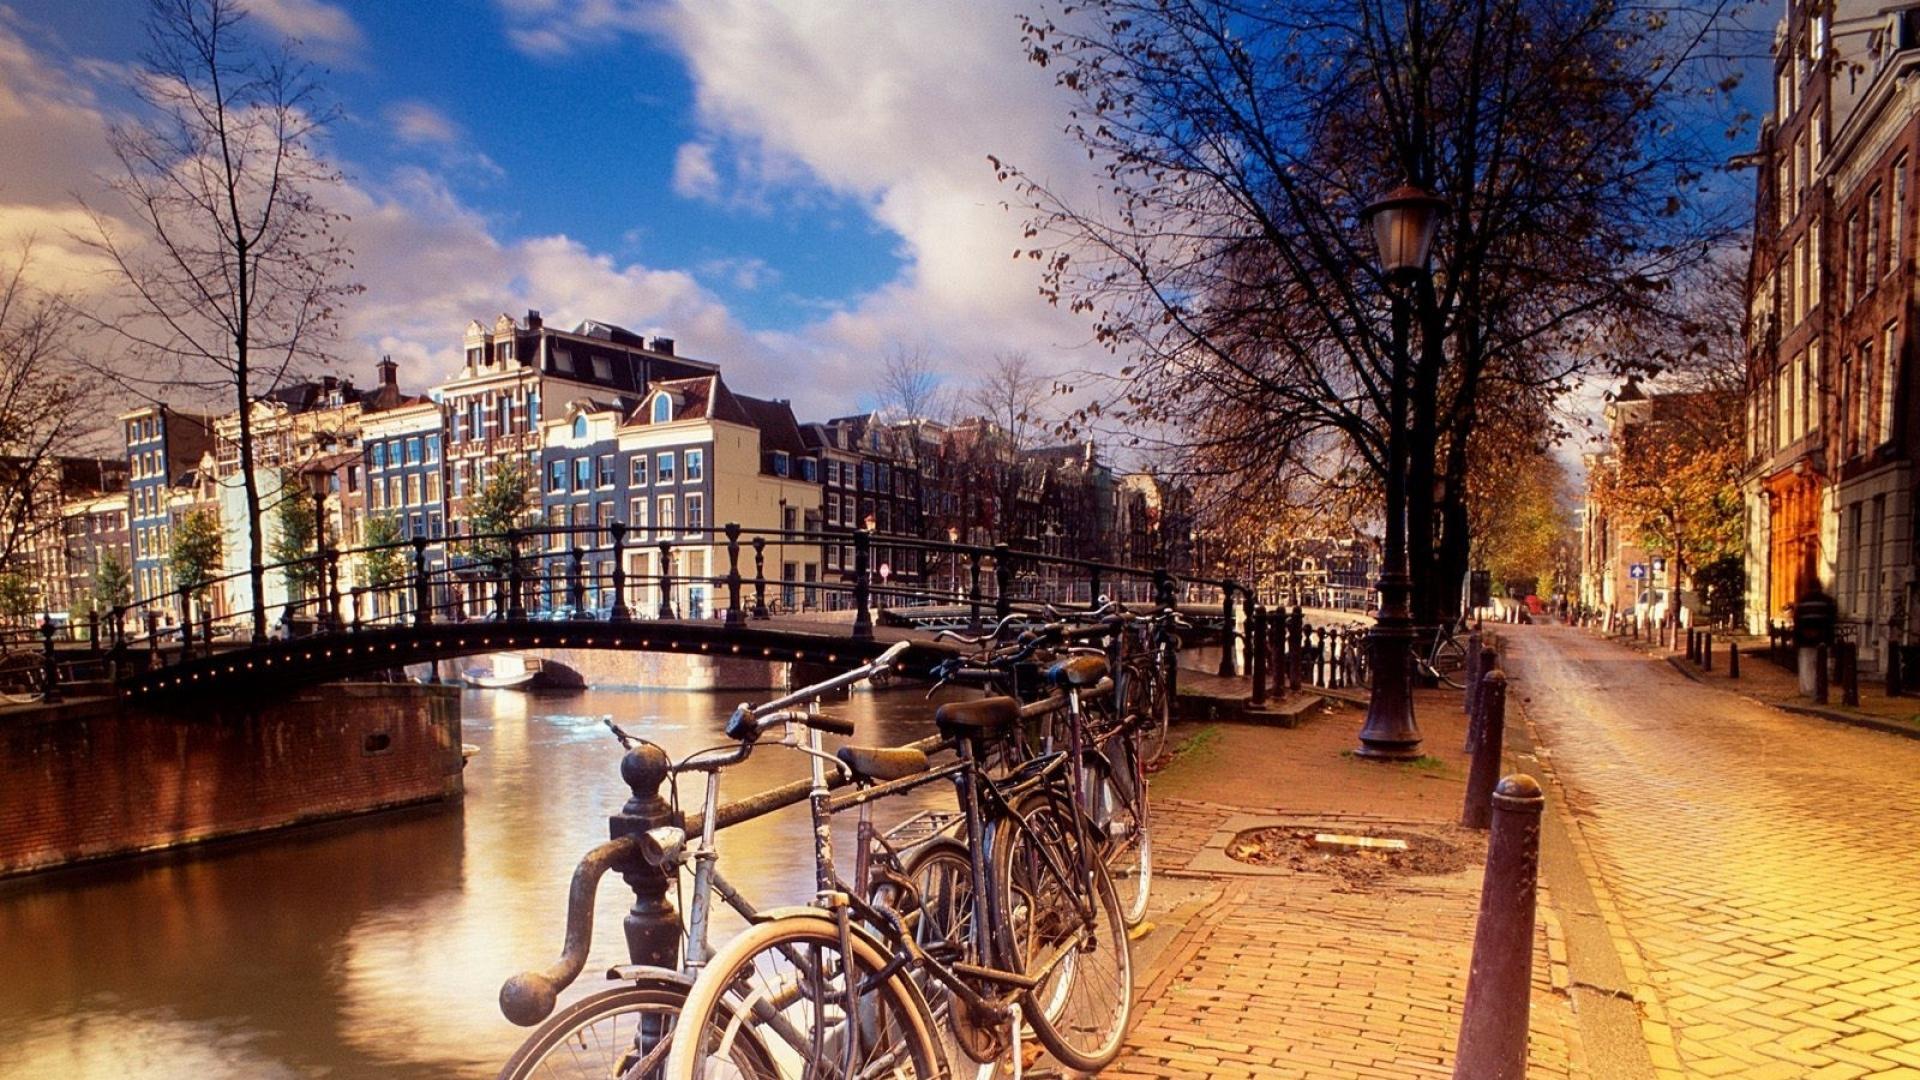 Hipster Fall Wallpaper Amsterdam Wallpaper Hd Pixelstalk Net